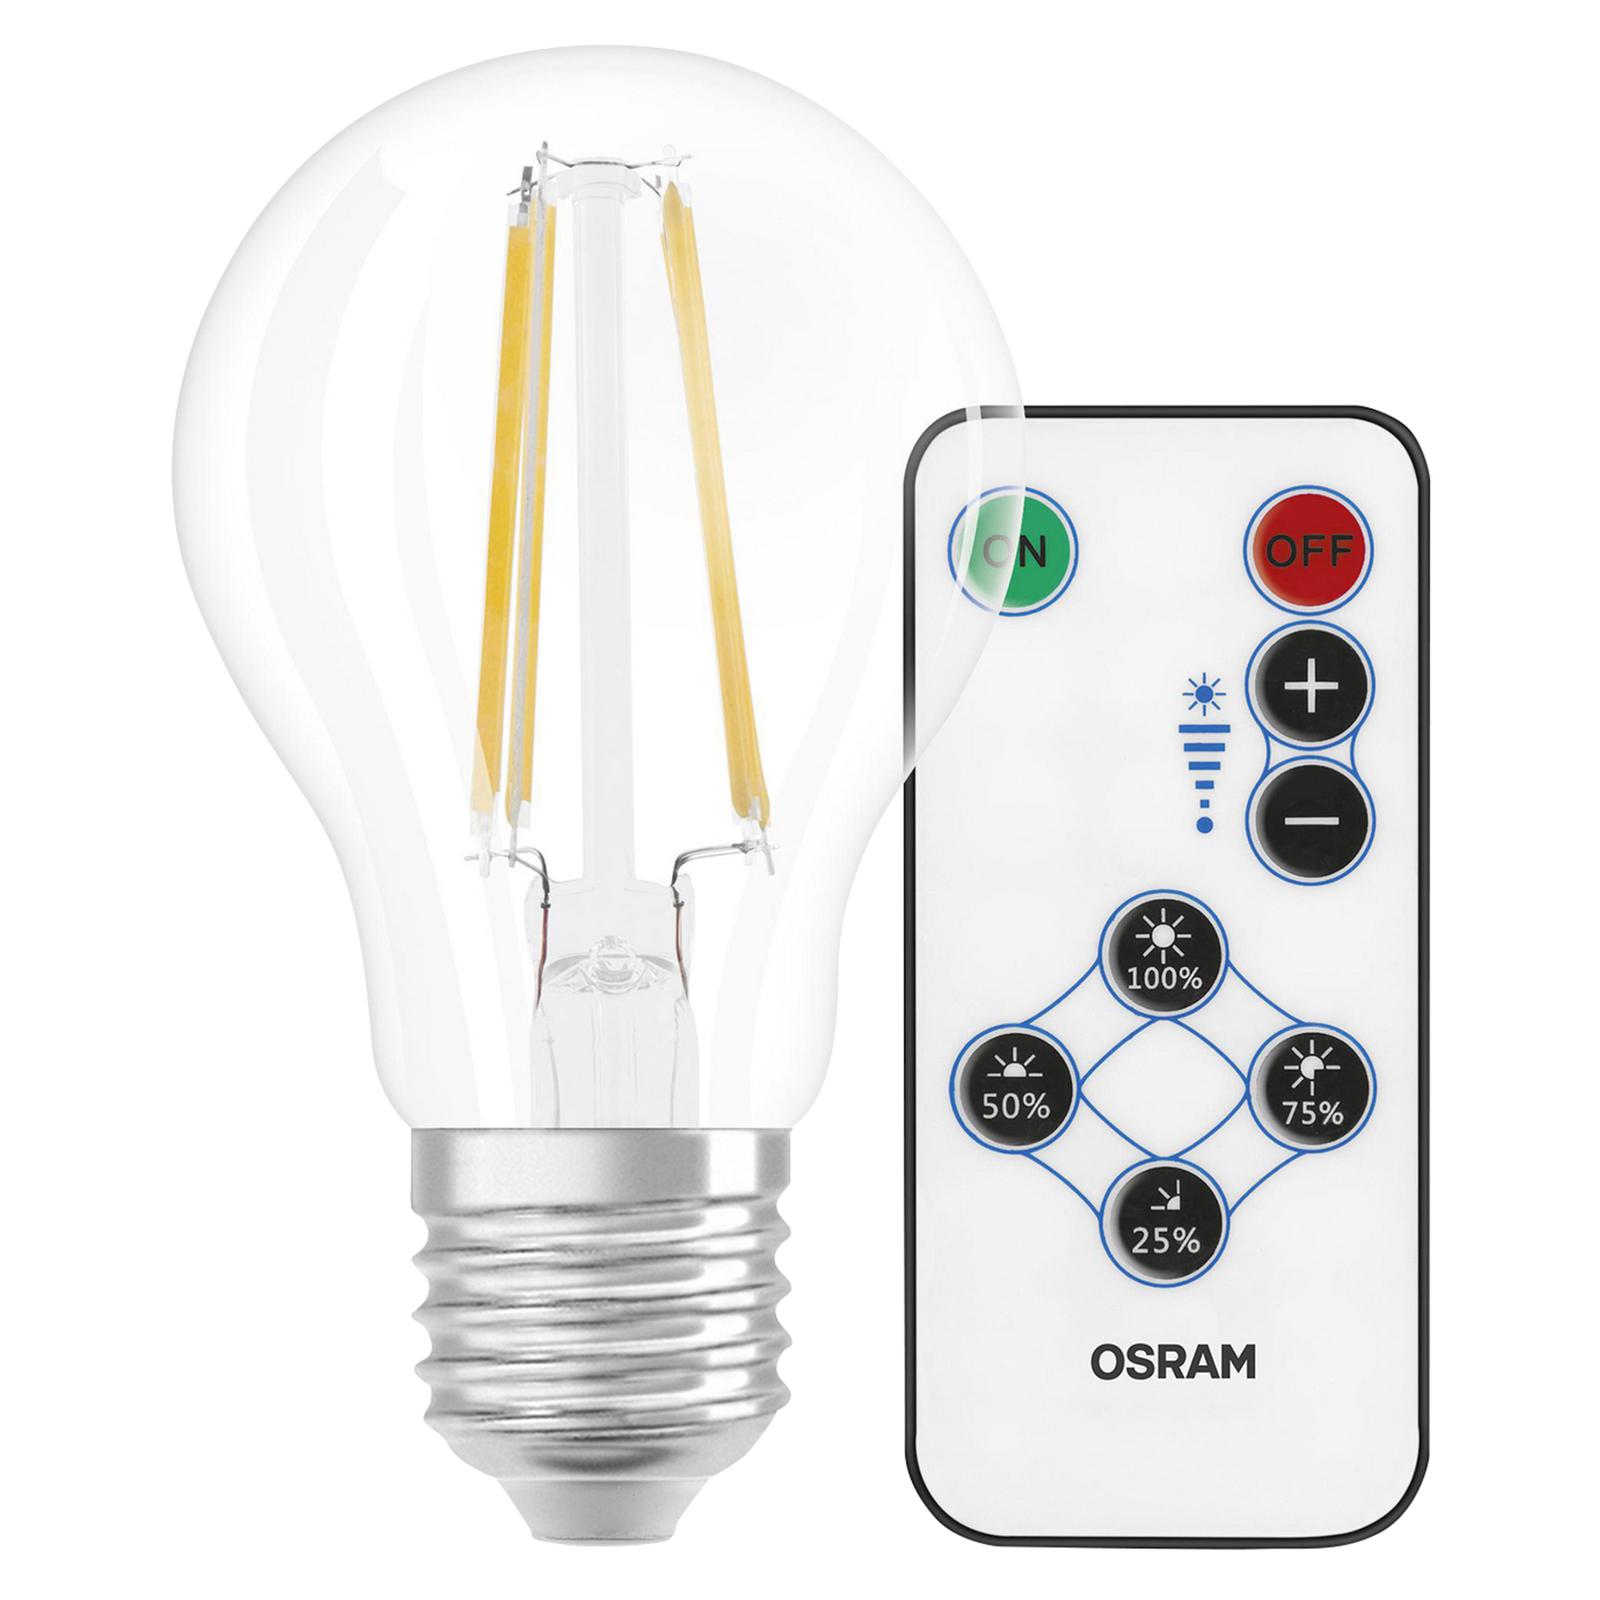 OSRAM-LED-lamppu 7W 827 Step DIM Remote Control